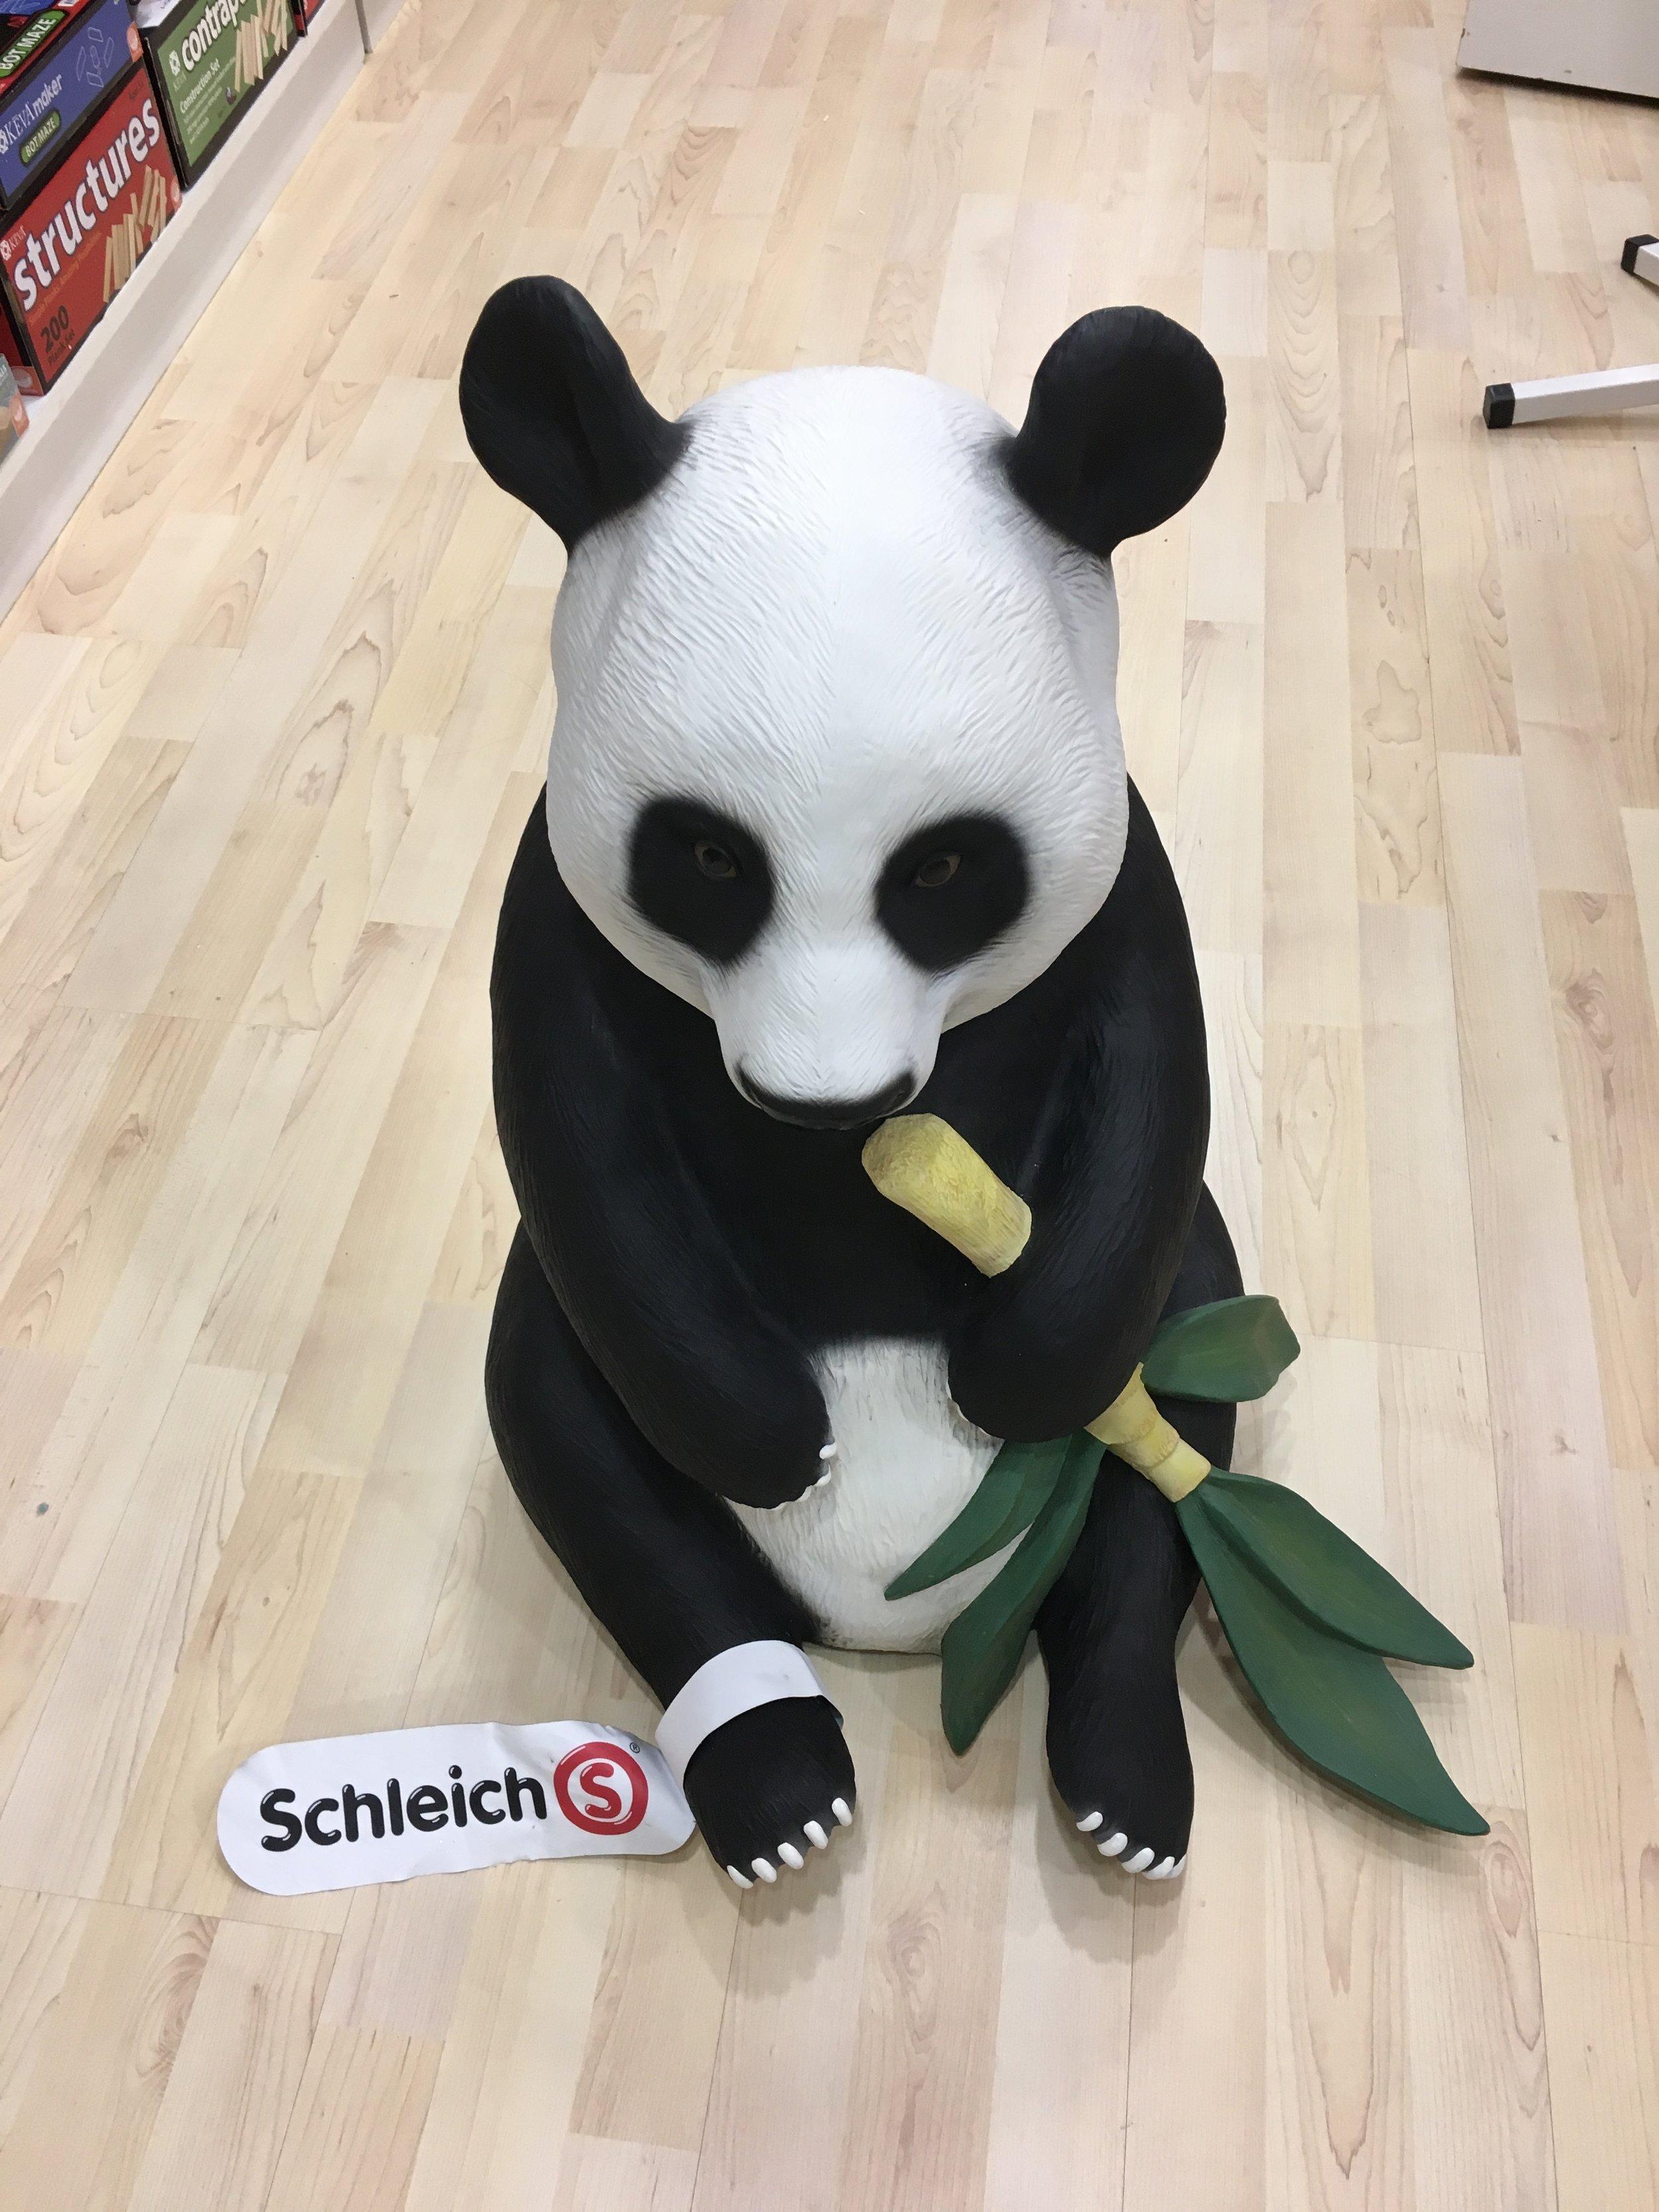 Schleich.JPG